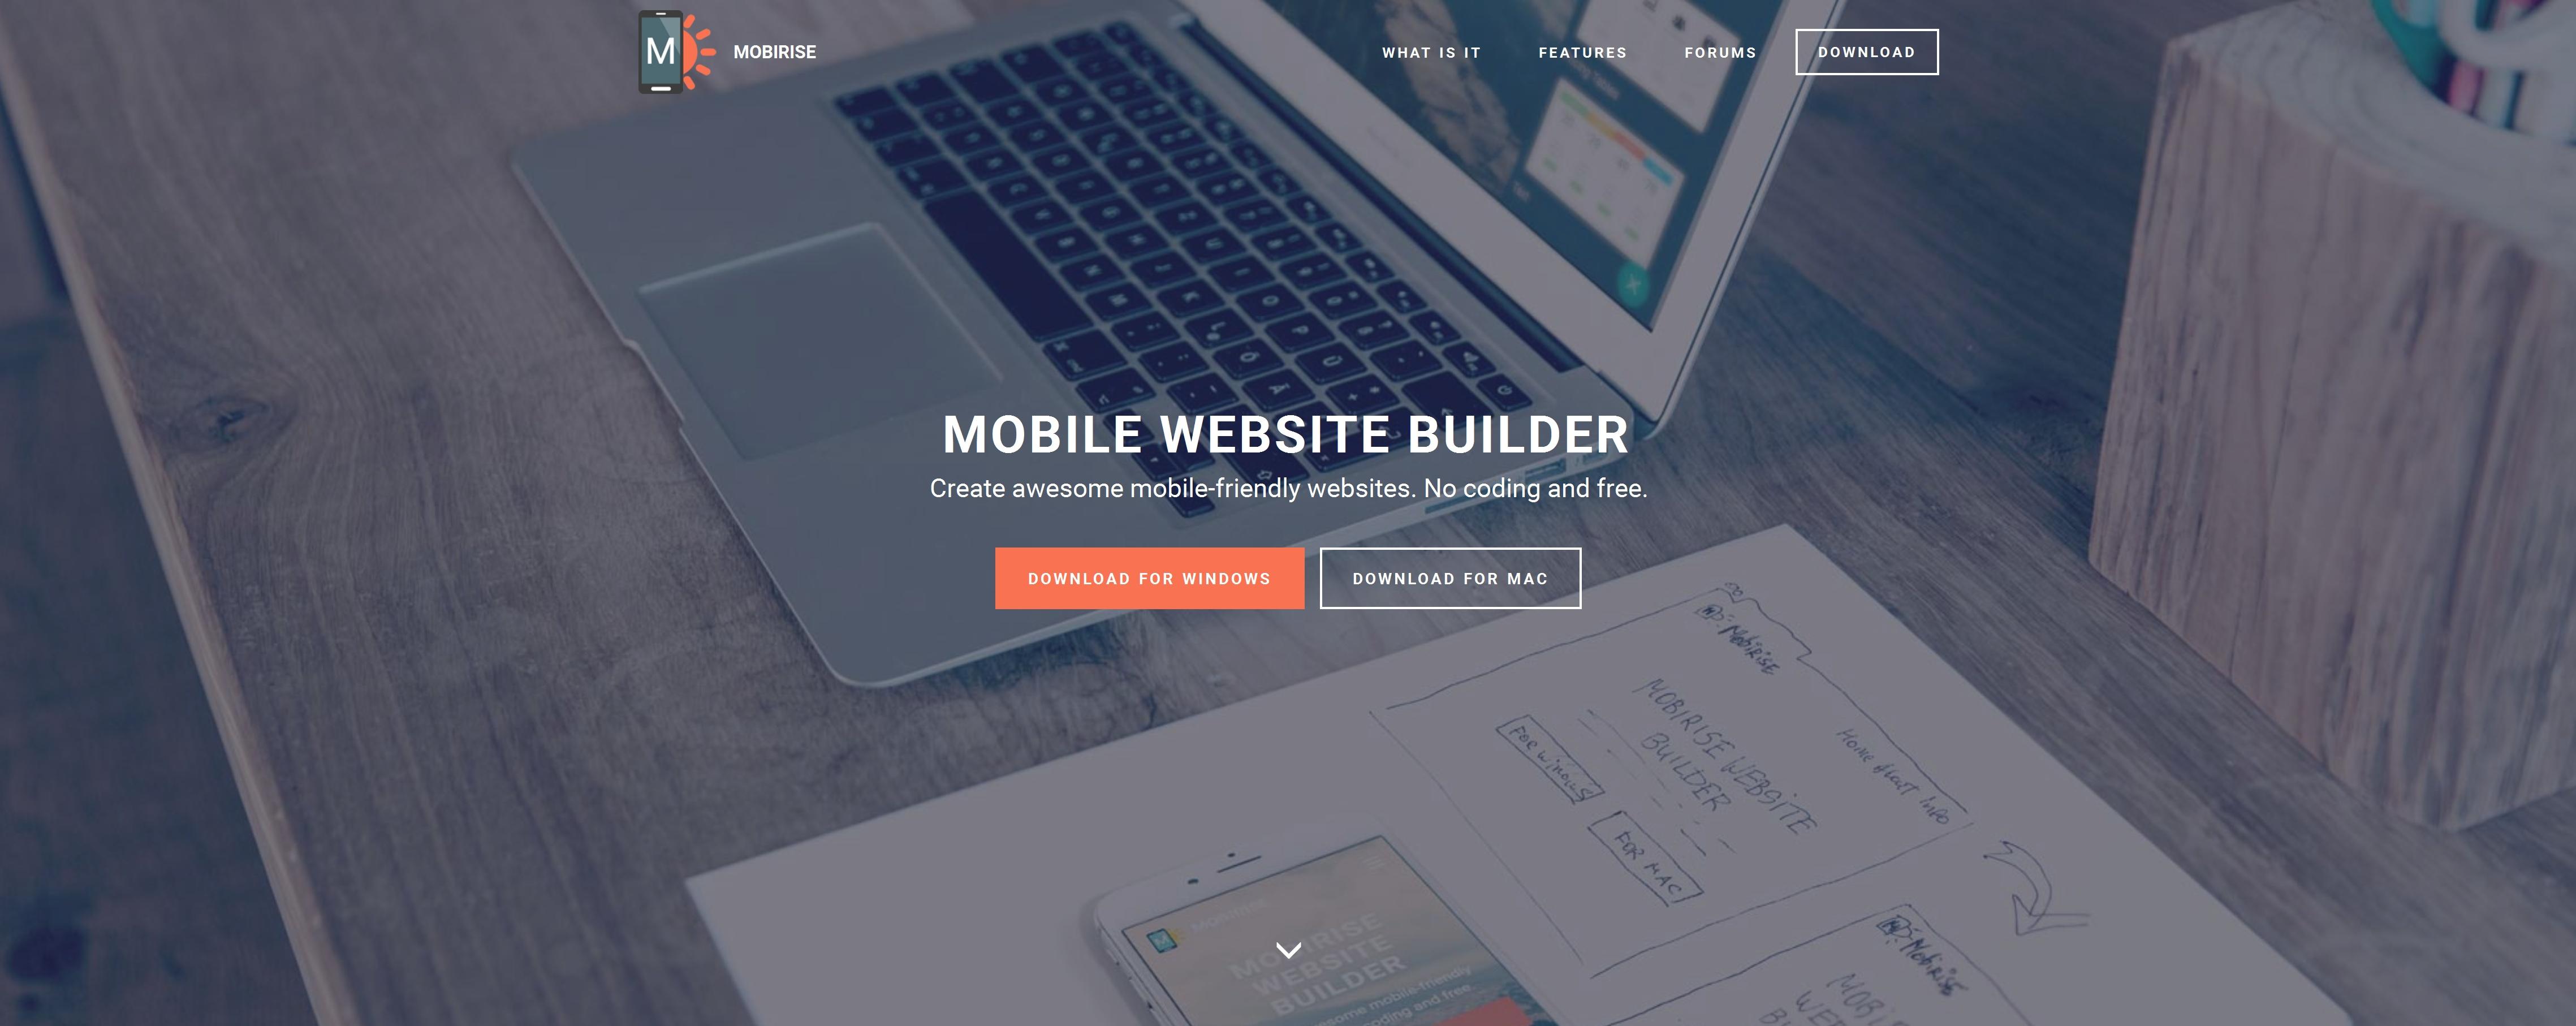 WYSIWYG Mobile Website Maker Review